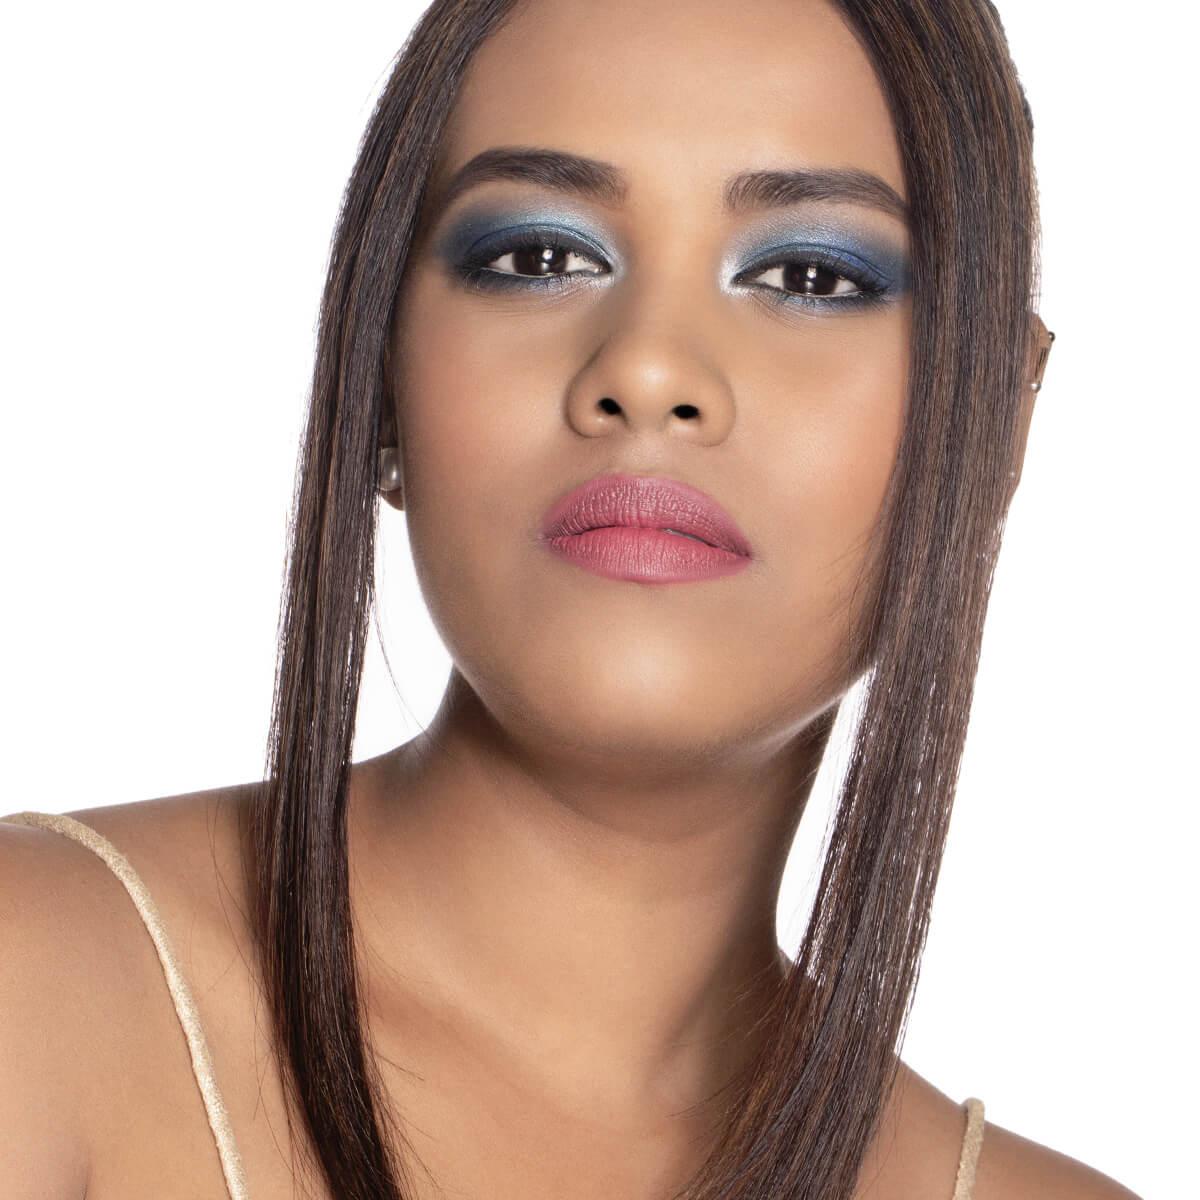 Dua Lipa's 2020 Grammy Awards makeup look